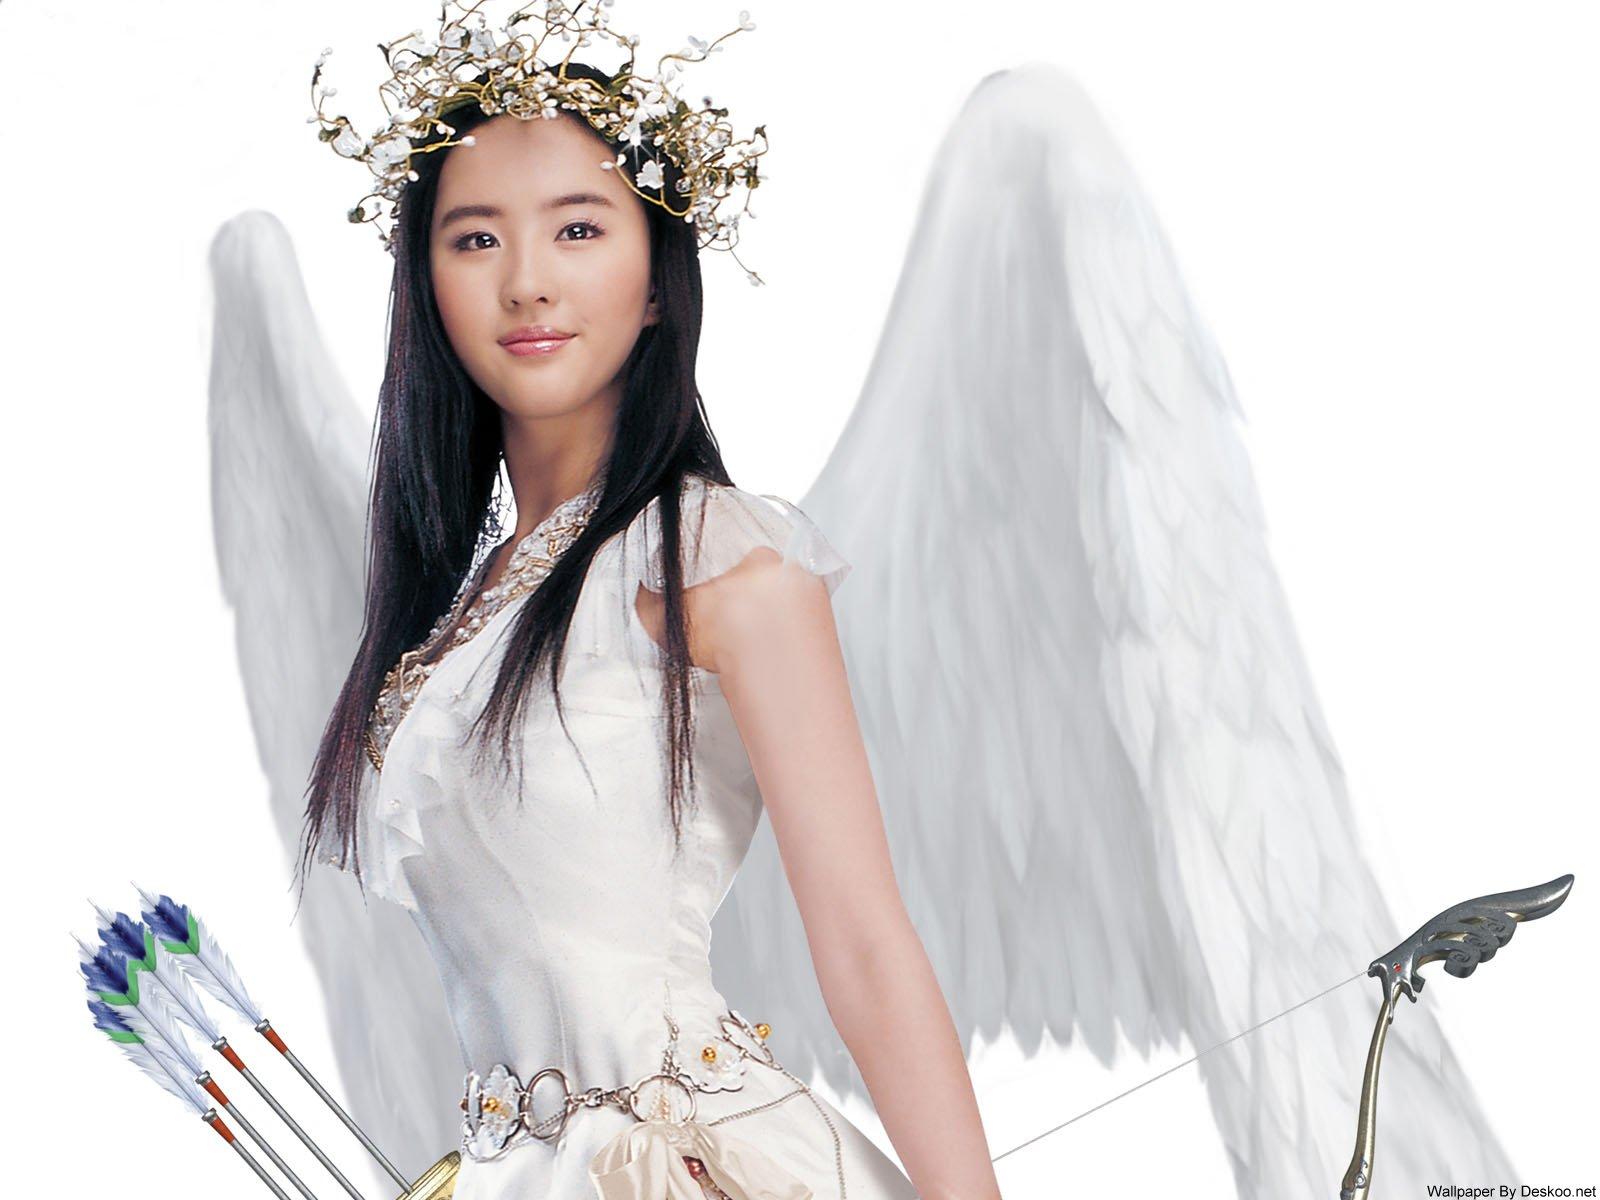 有刘亦菲的脚图片吗!_谁有刘亦菲穿白衣的清纯可爱图片_百度知道